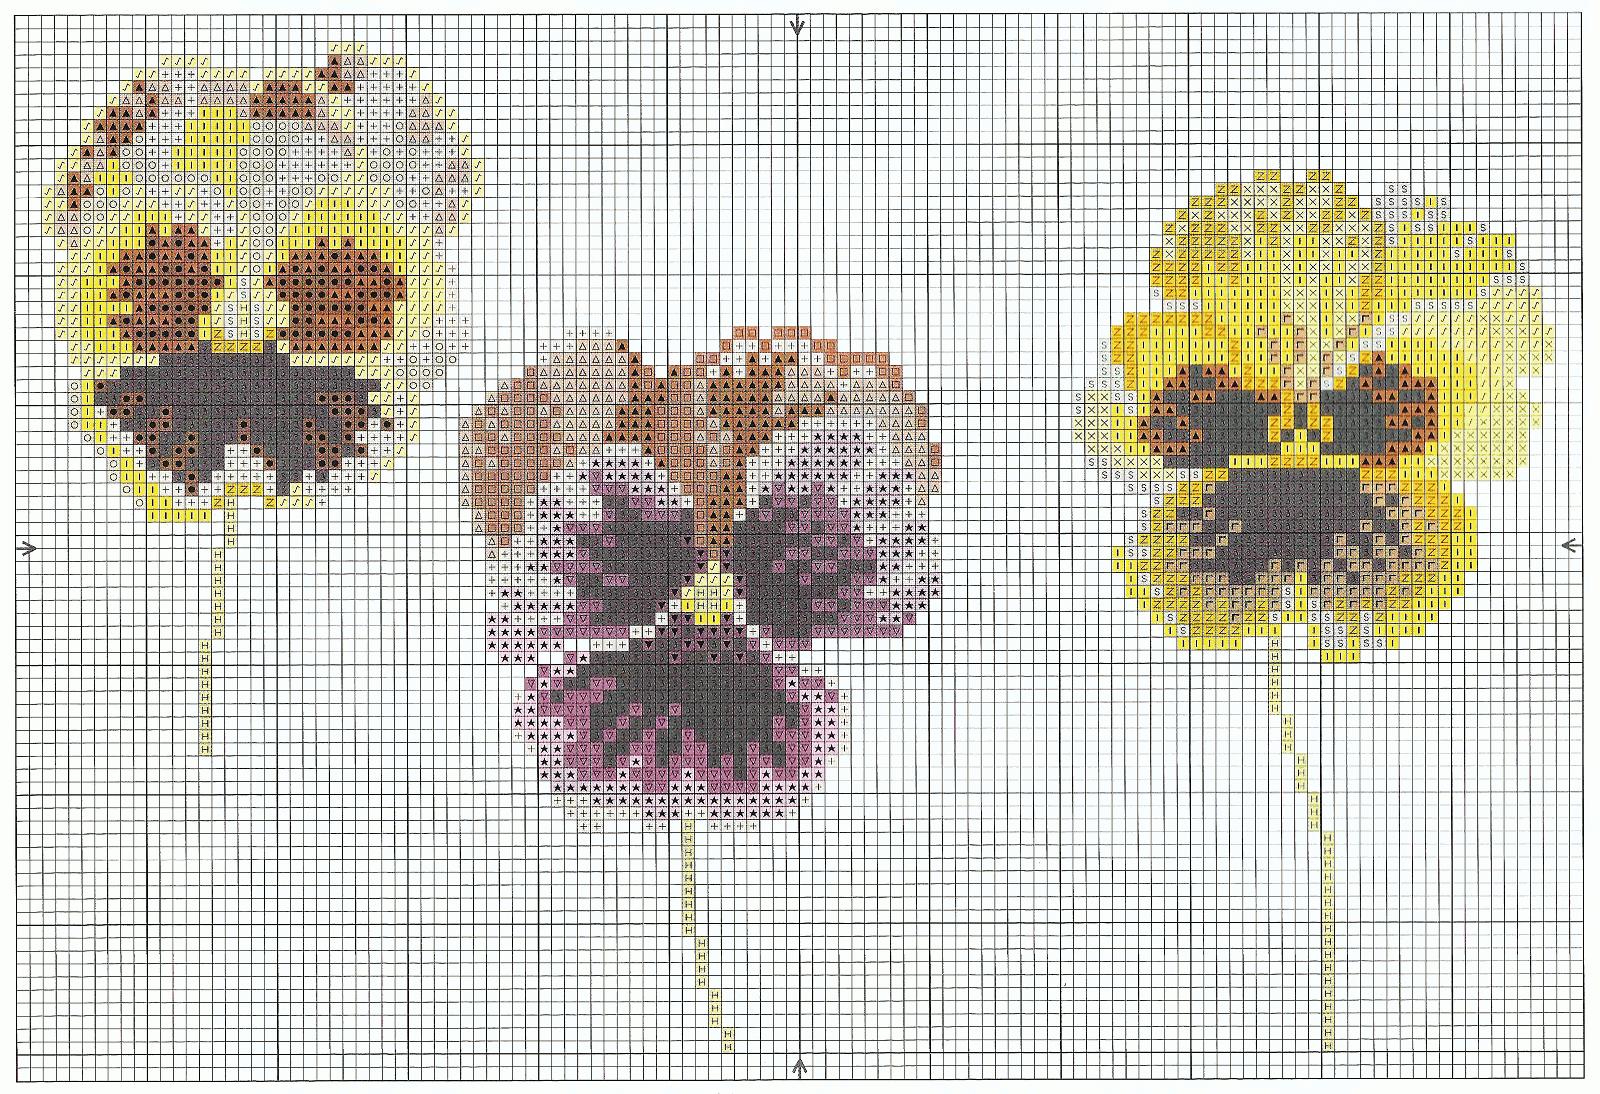 вышивка схема панна анютины глазки